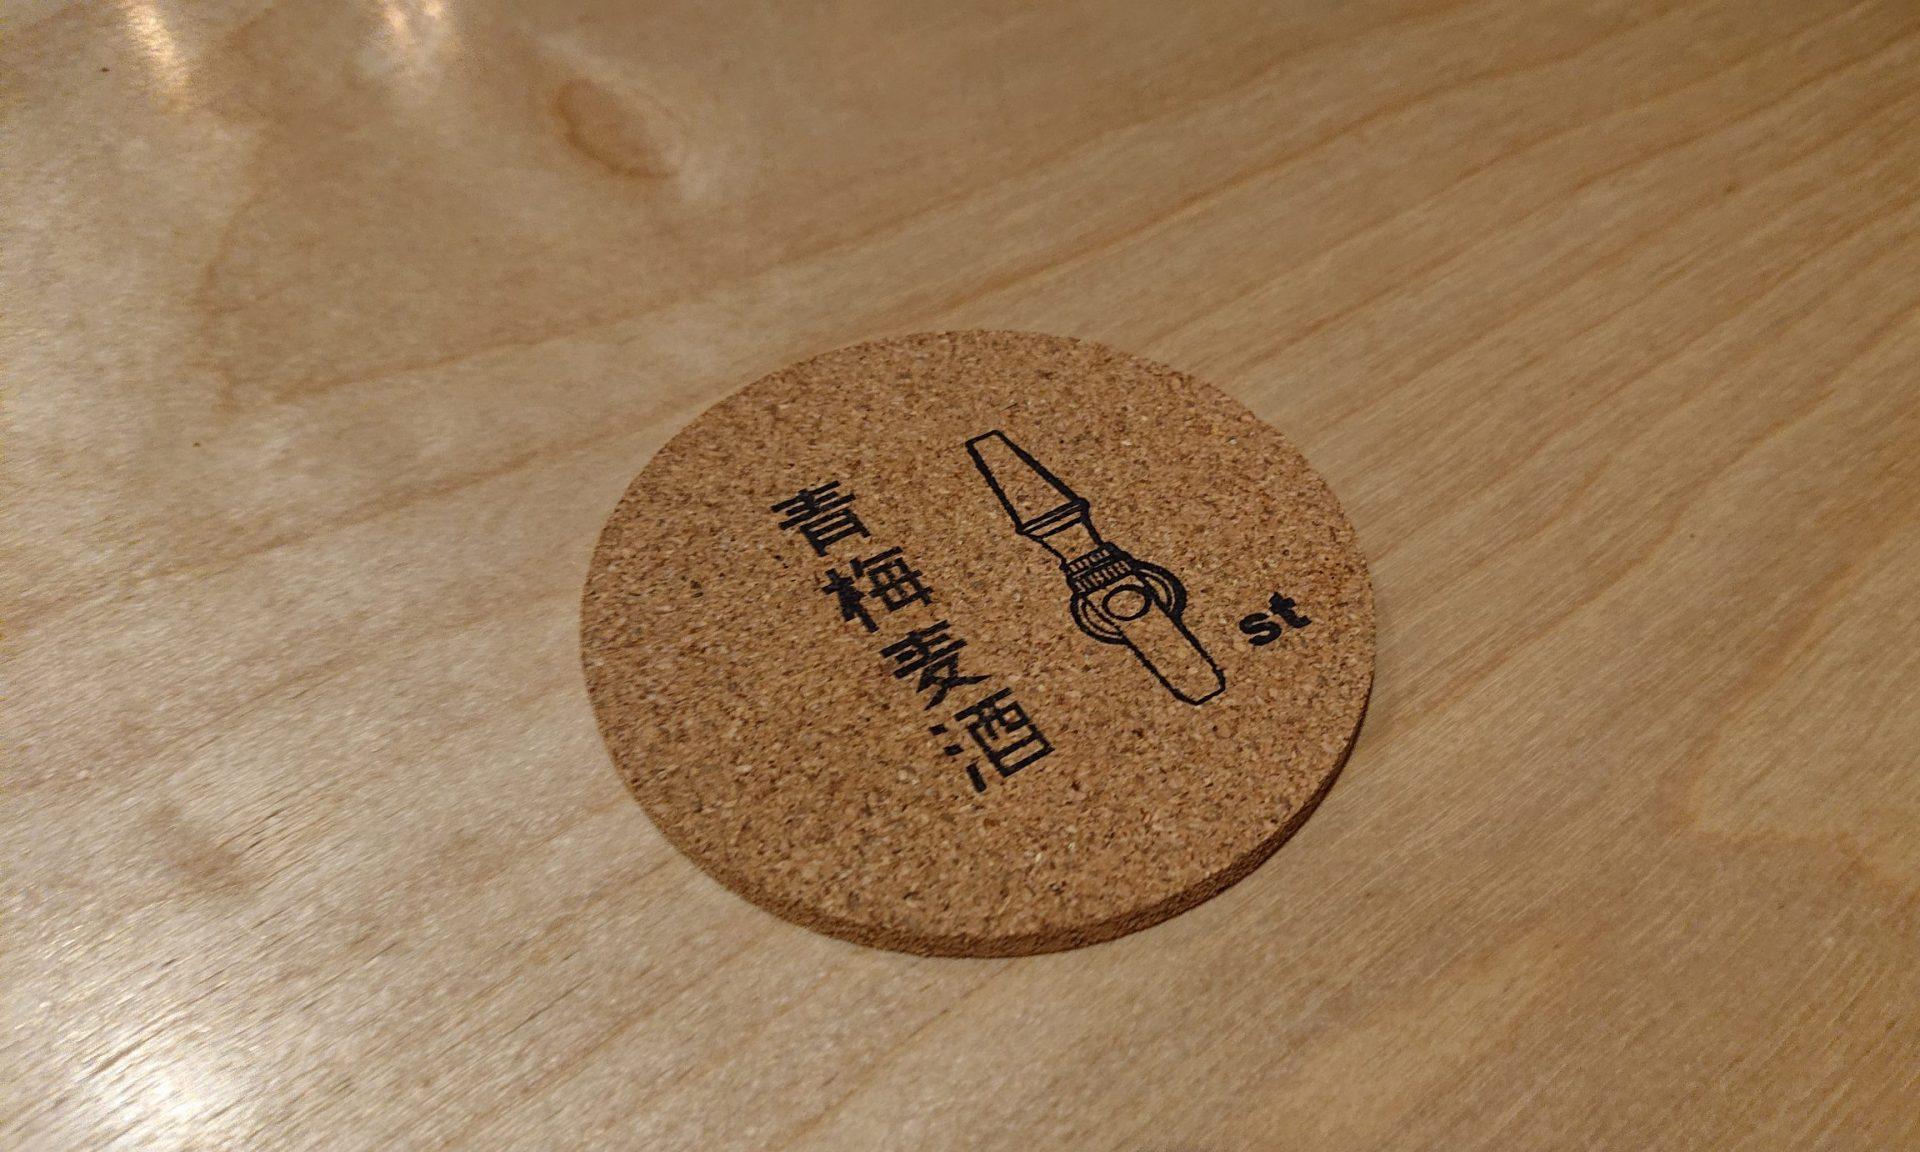 東京・青梅の地で輝くビアバーがある。クラフトビールの製造(委託)販売を手掛ける青梅麦酒である。 奥多摩VERTEREさん協力のもと美味しいビールを作り、青梅の地で美味しいツマミを提供している。